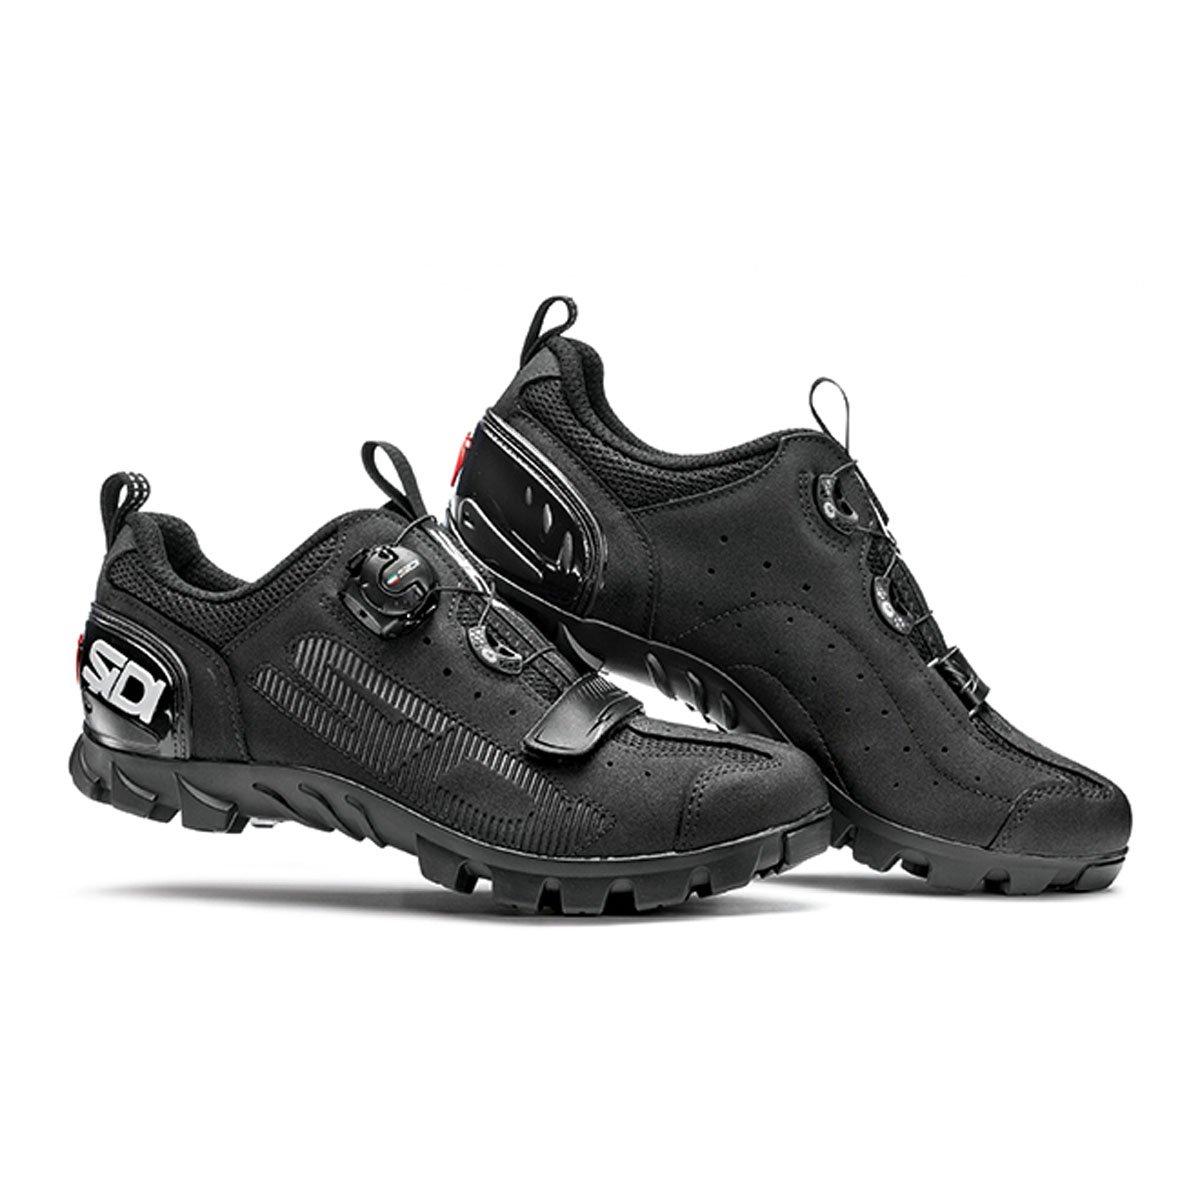 SD15 Hommes Chaussure Mountainbike Noir Sidi - EU 42